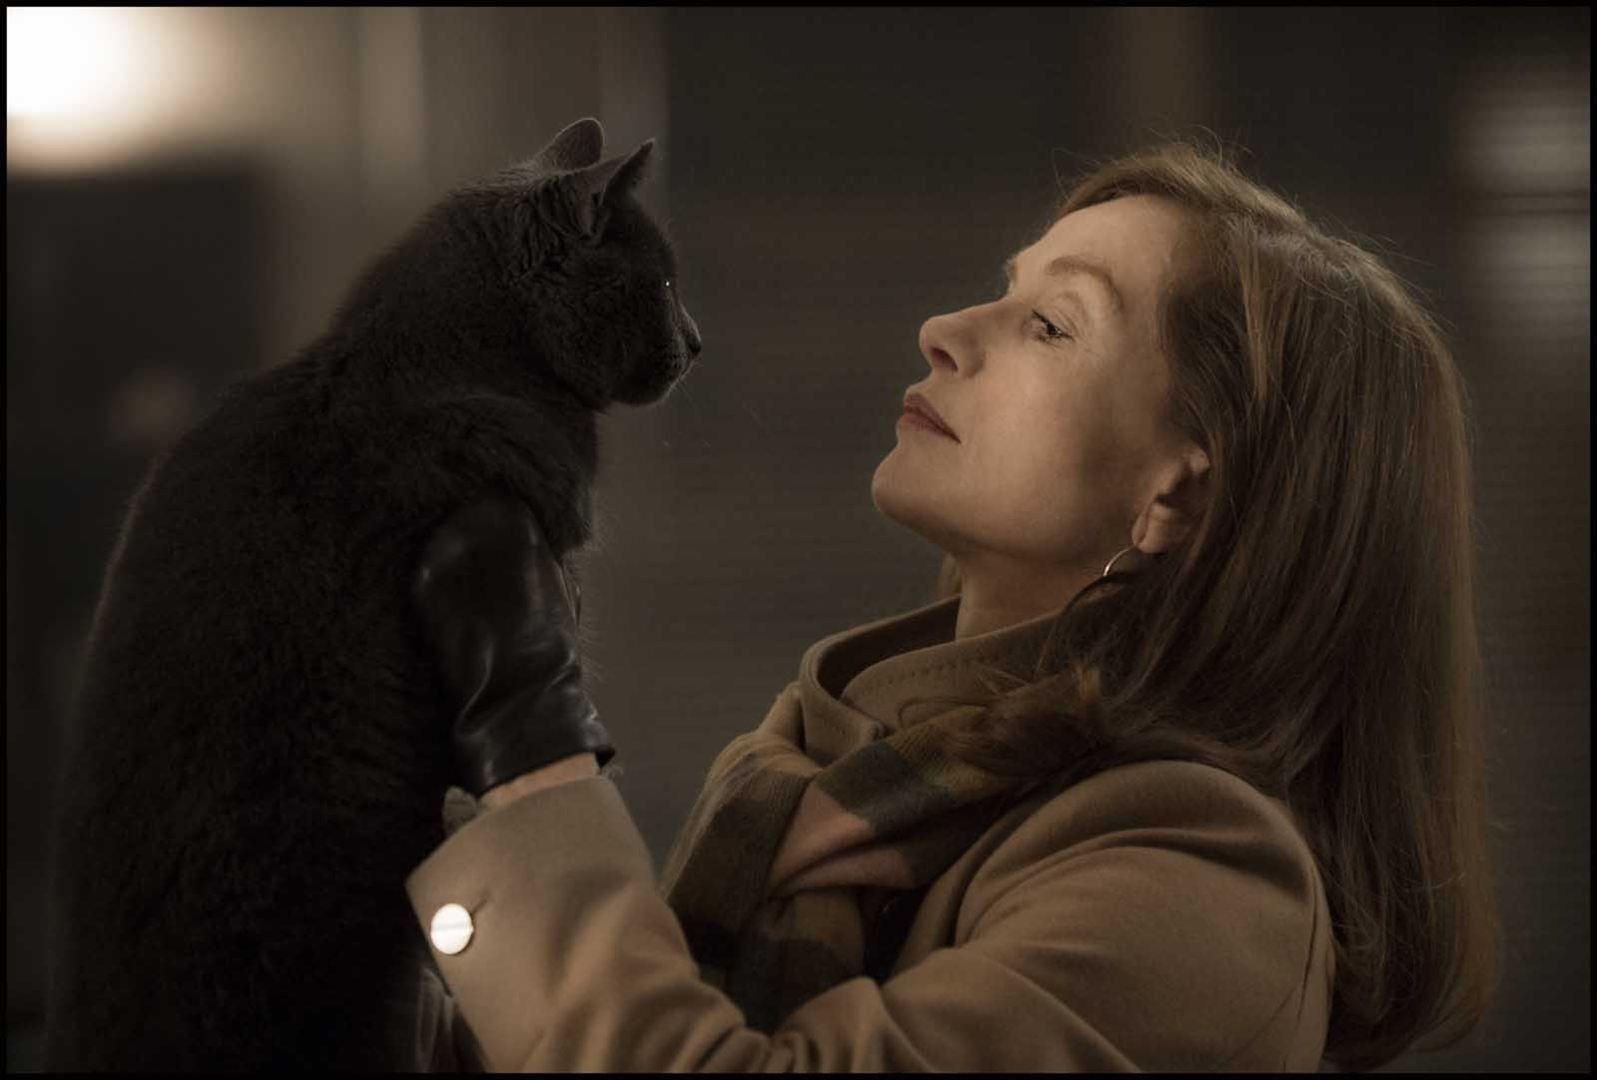 Elle, de Paul Verhoeven - en vidéo le 4 octobre